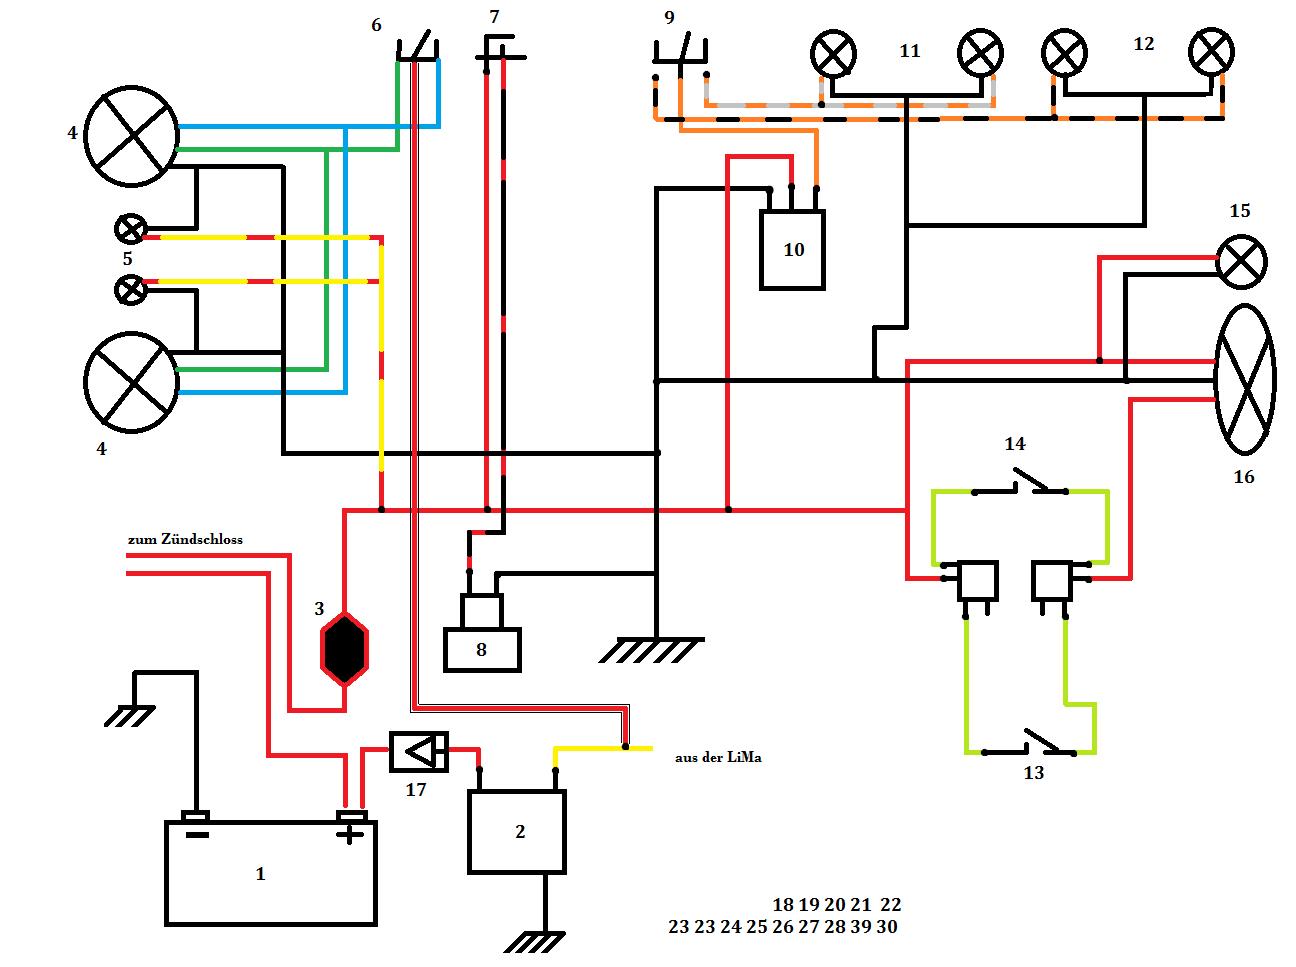 Fantastisch Yamaha Banshee Schaltplan Fotos - Der Schaltplan ...